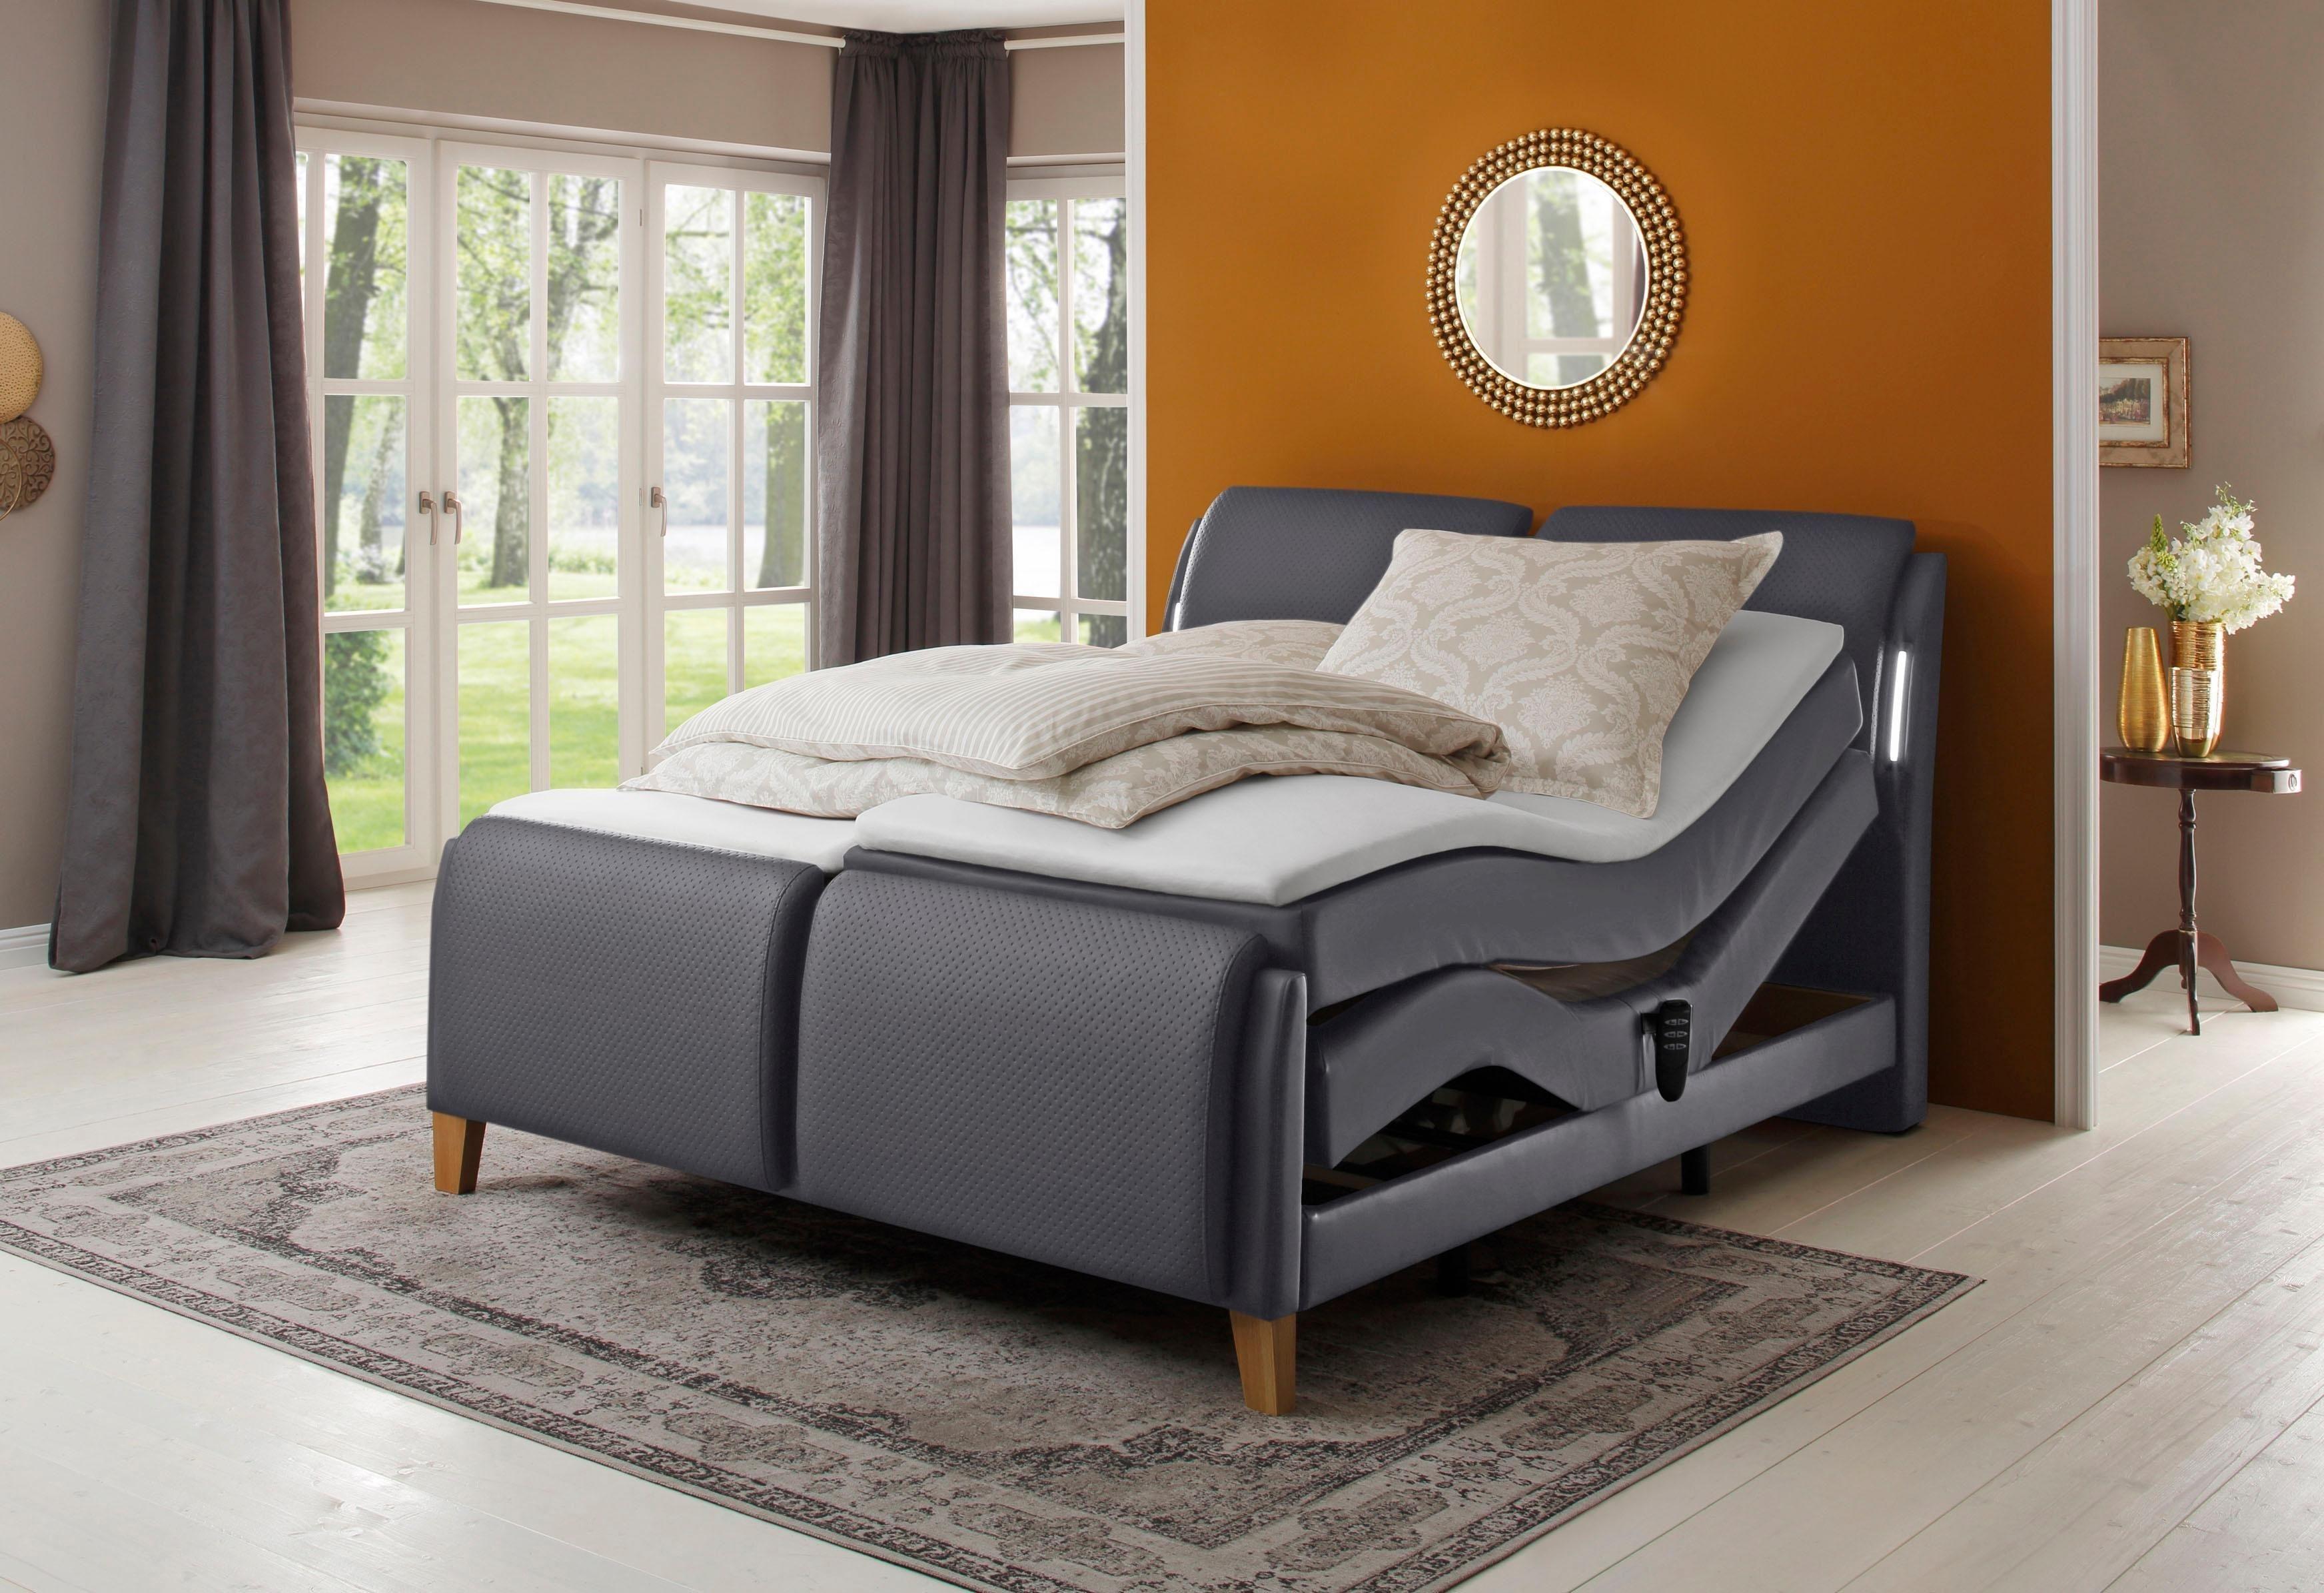 Polsterbetten Günstig 180x200 Bett Online Bestellen